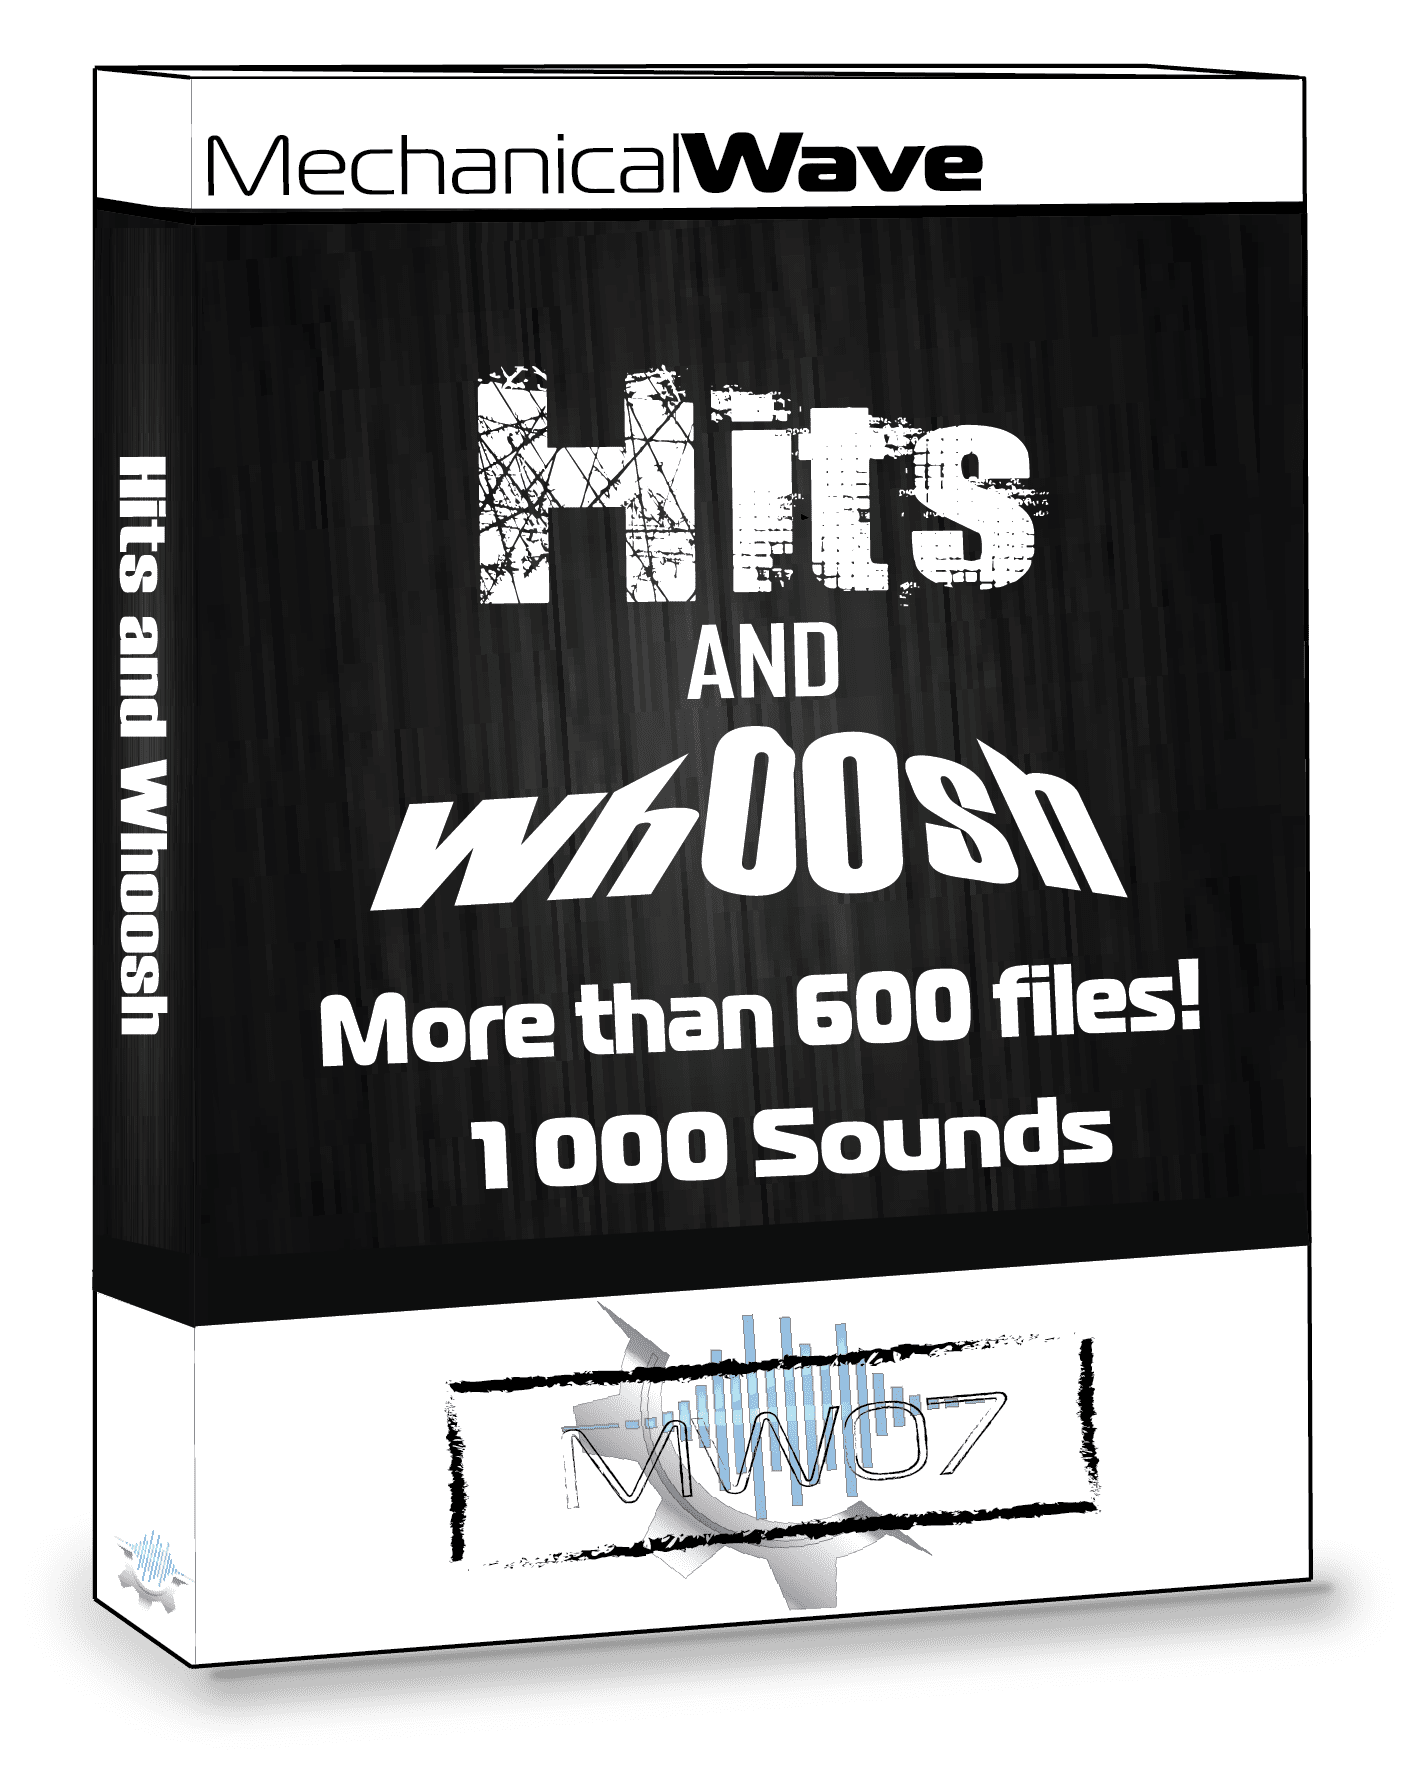 Hits, Impact, Whoosh, Swoosh, Swish, Swirl